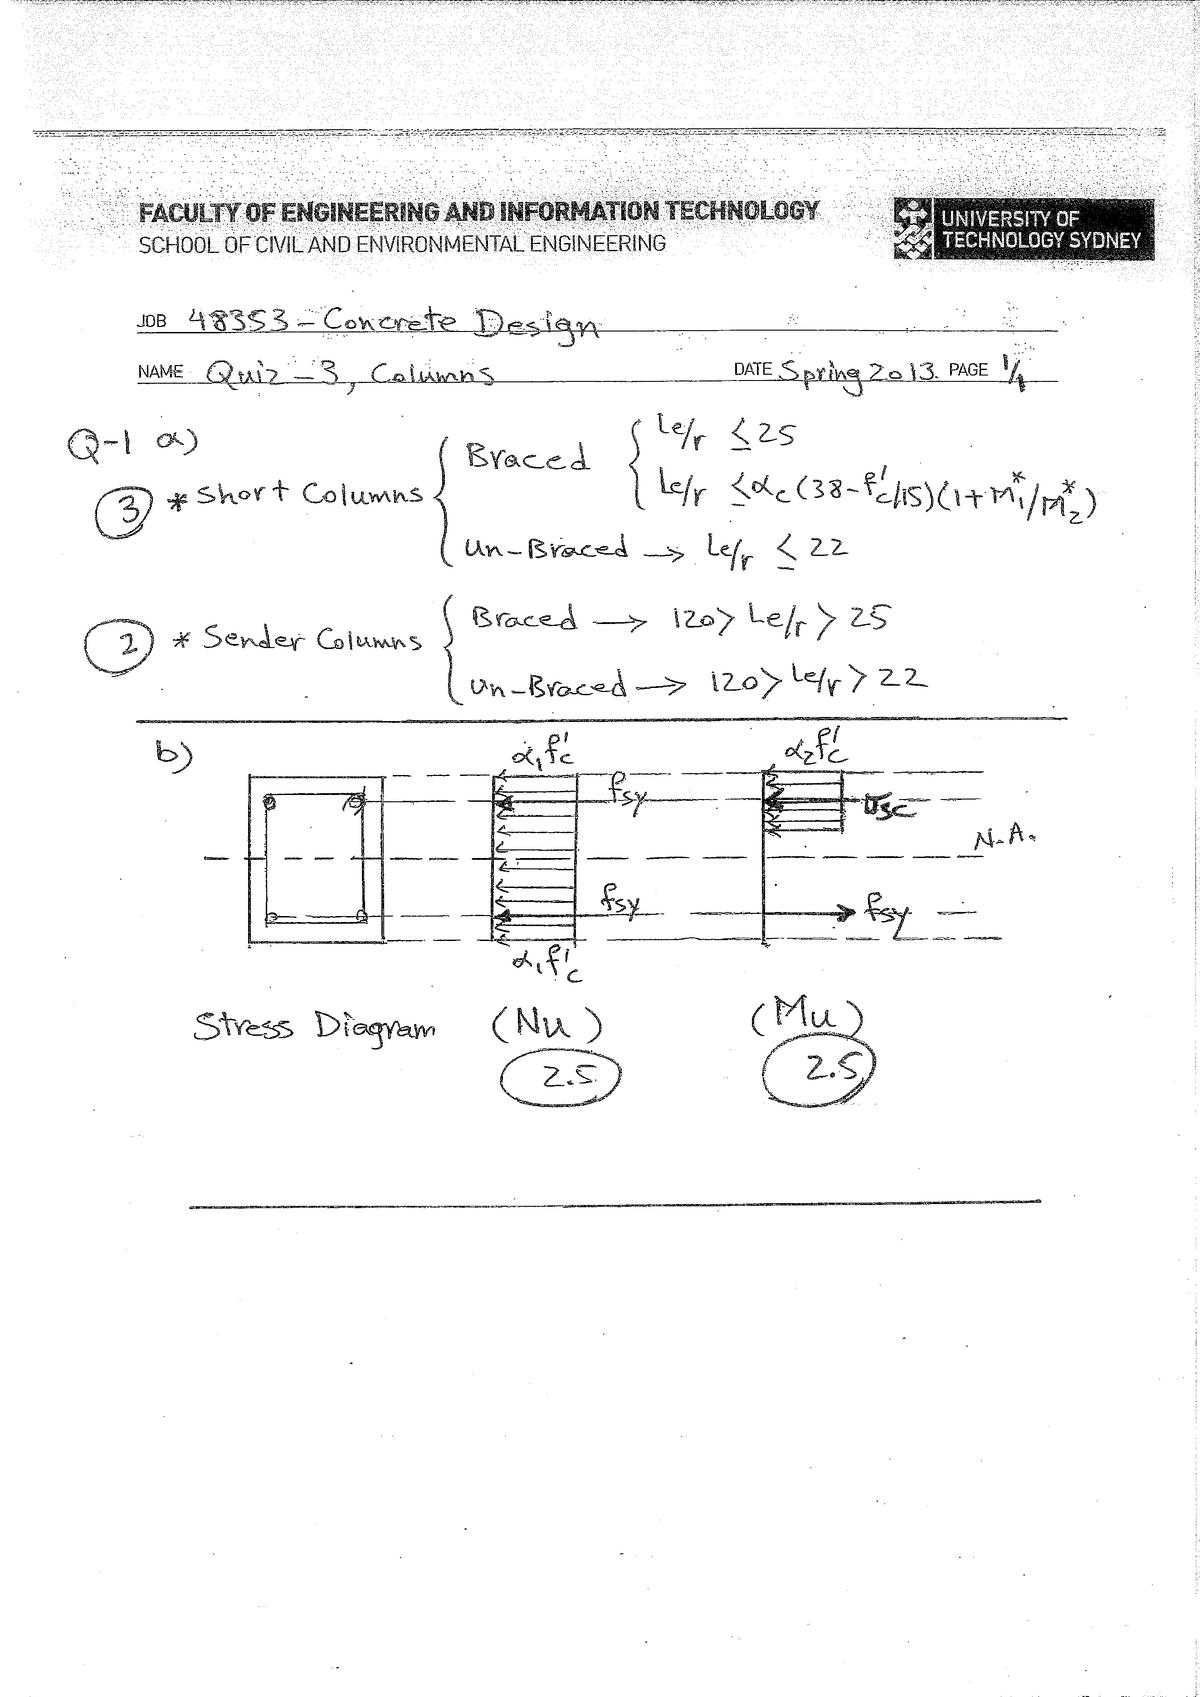 Exam 2013 - 048353: Concrete Design - StuDocu